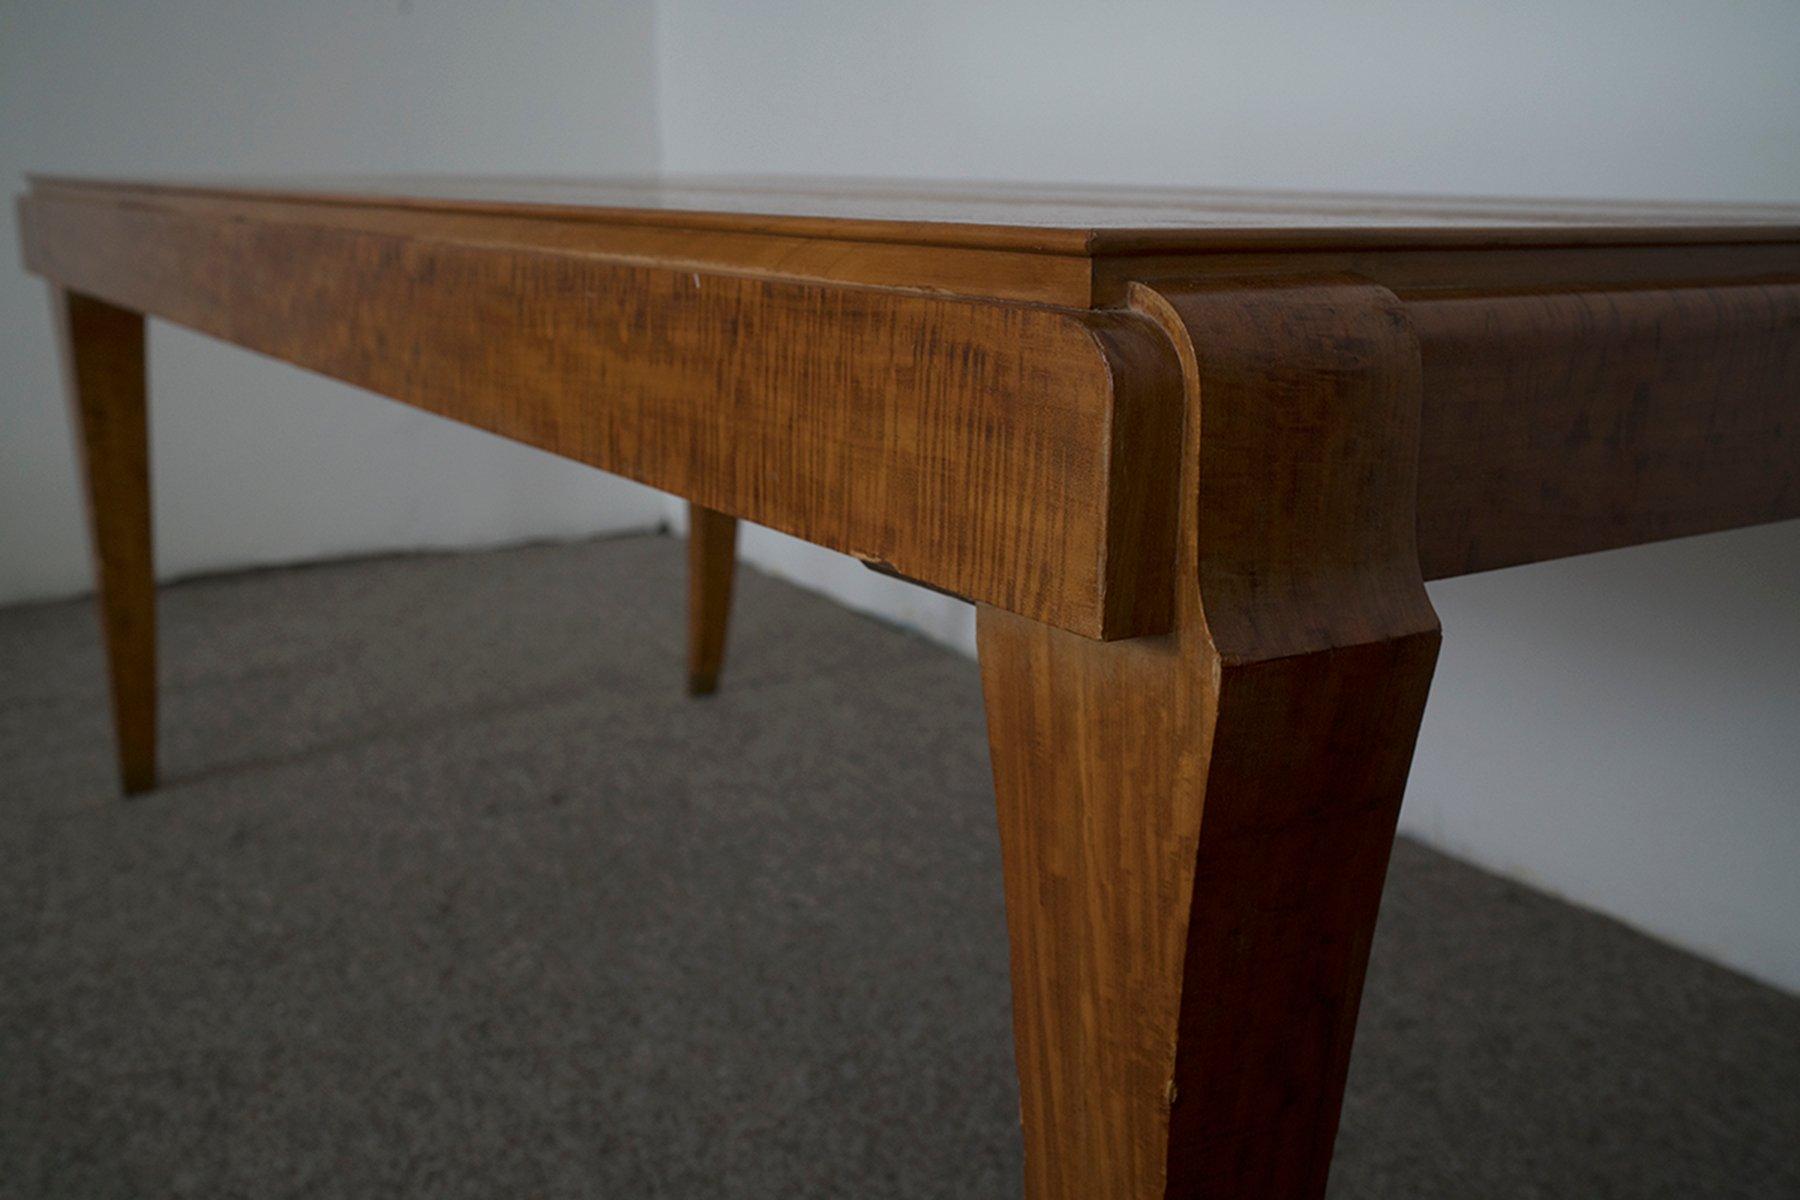 franz sischer vintage esstisch aus eucalyptus bei pamono. Black Bedroom Furniture Sets. Home Design Ideas